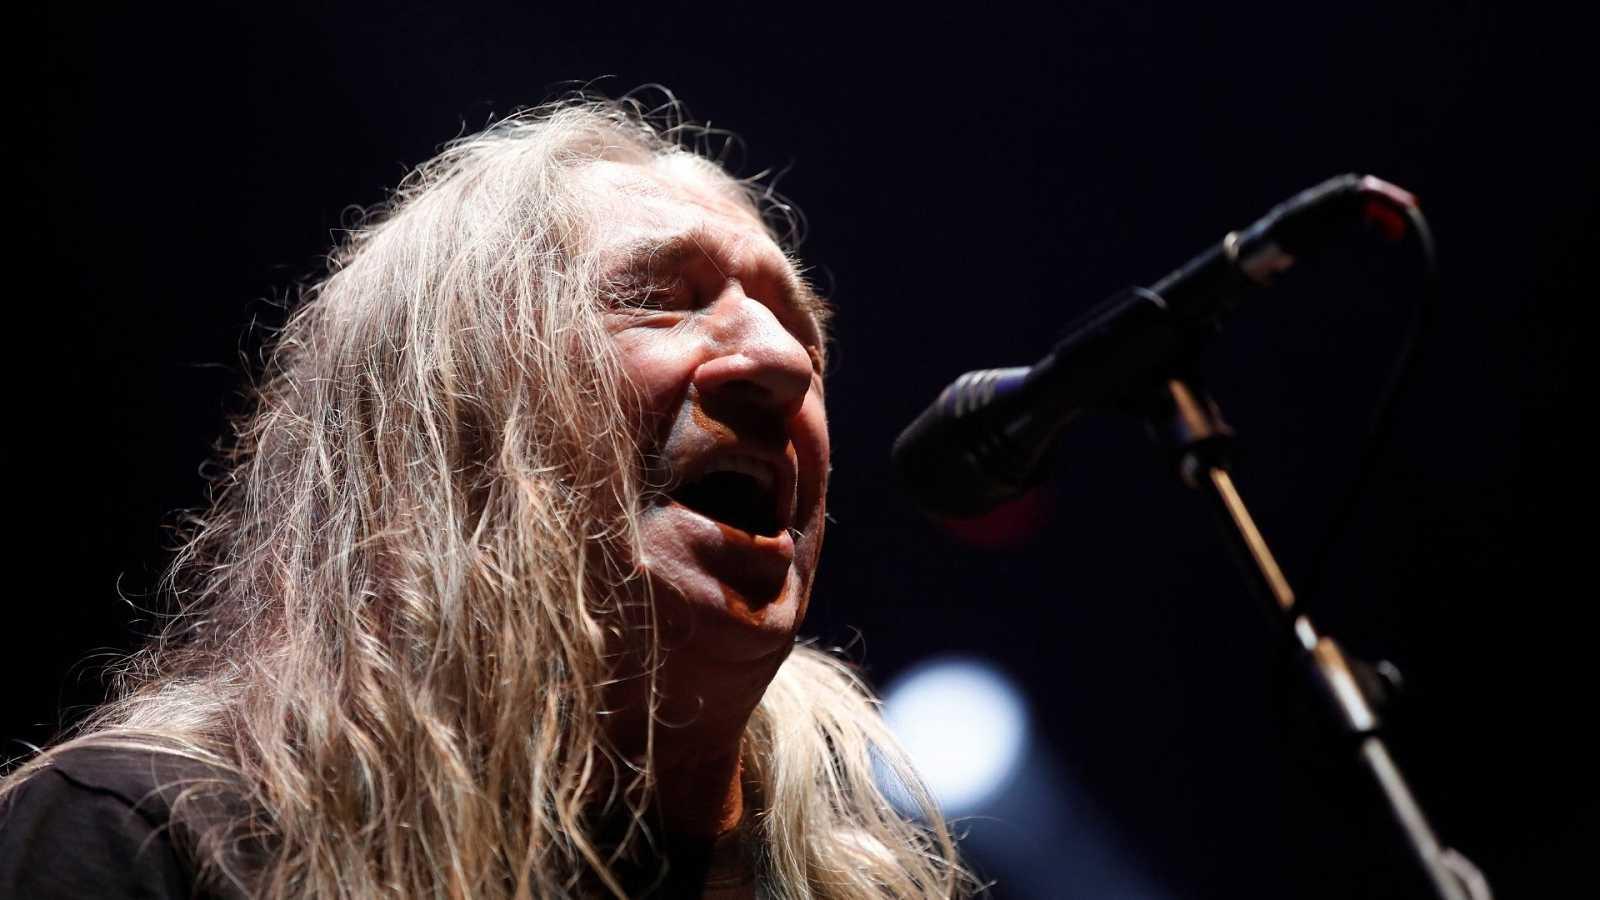 Discópolis 11.281 - Rosendo, directo Jerez 2008 - 08/04/21 - escuchar ahora